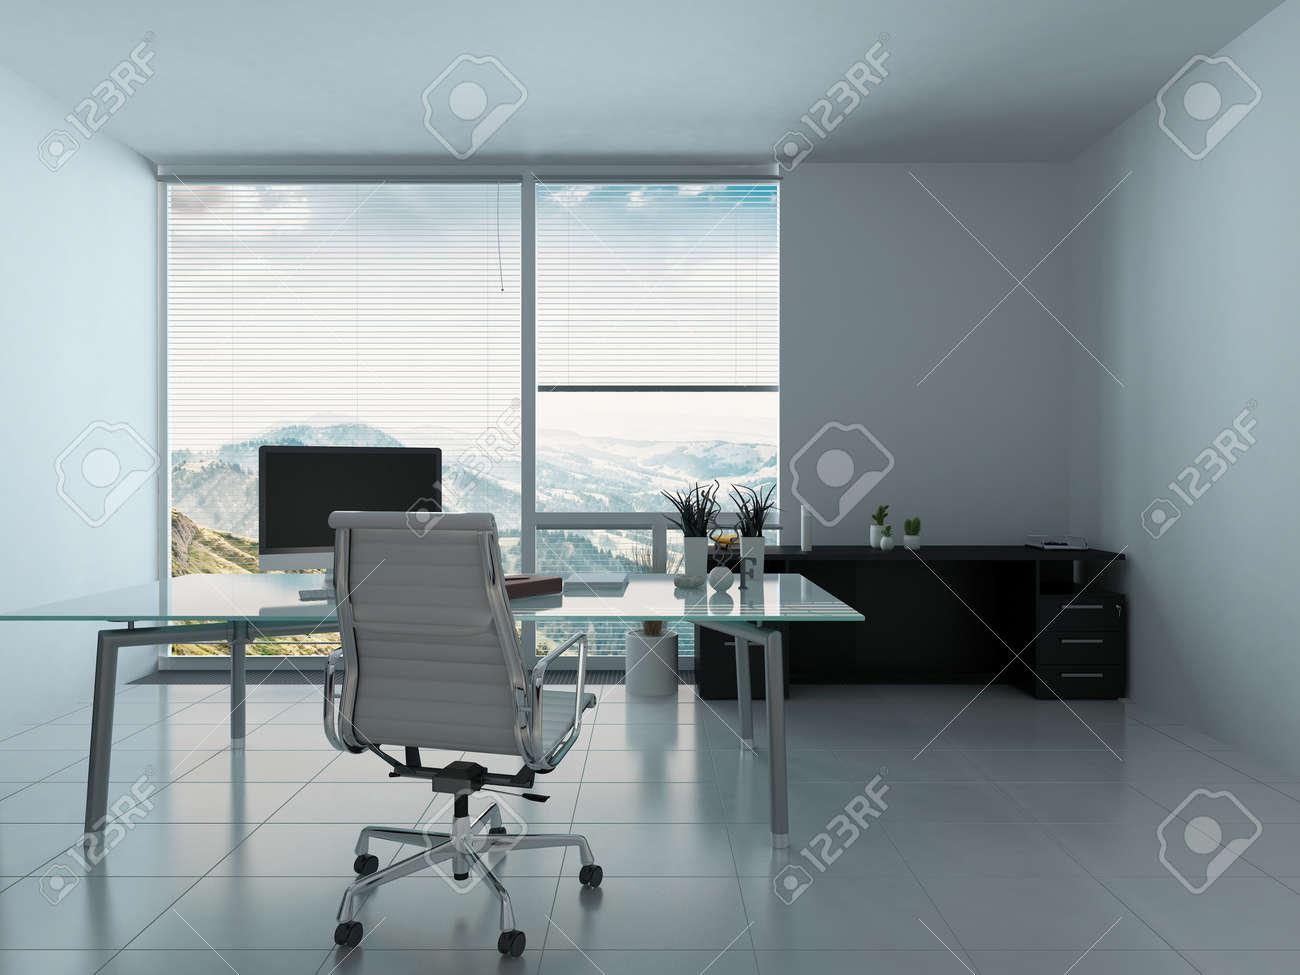 Moderne Büro-Interieur Mit Schreibtisch Und PC Lizenzfreie Fotos ...